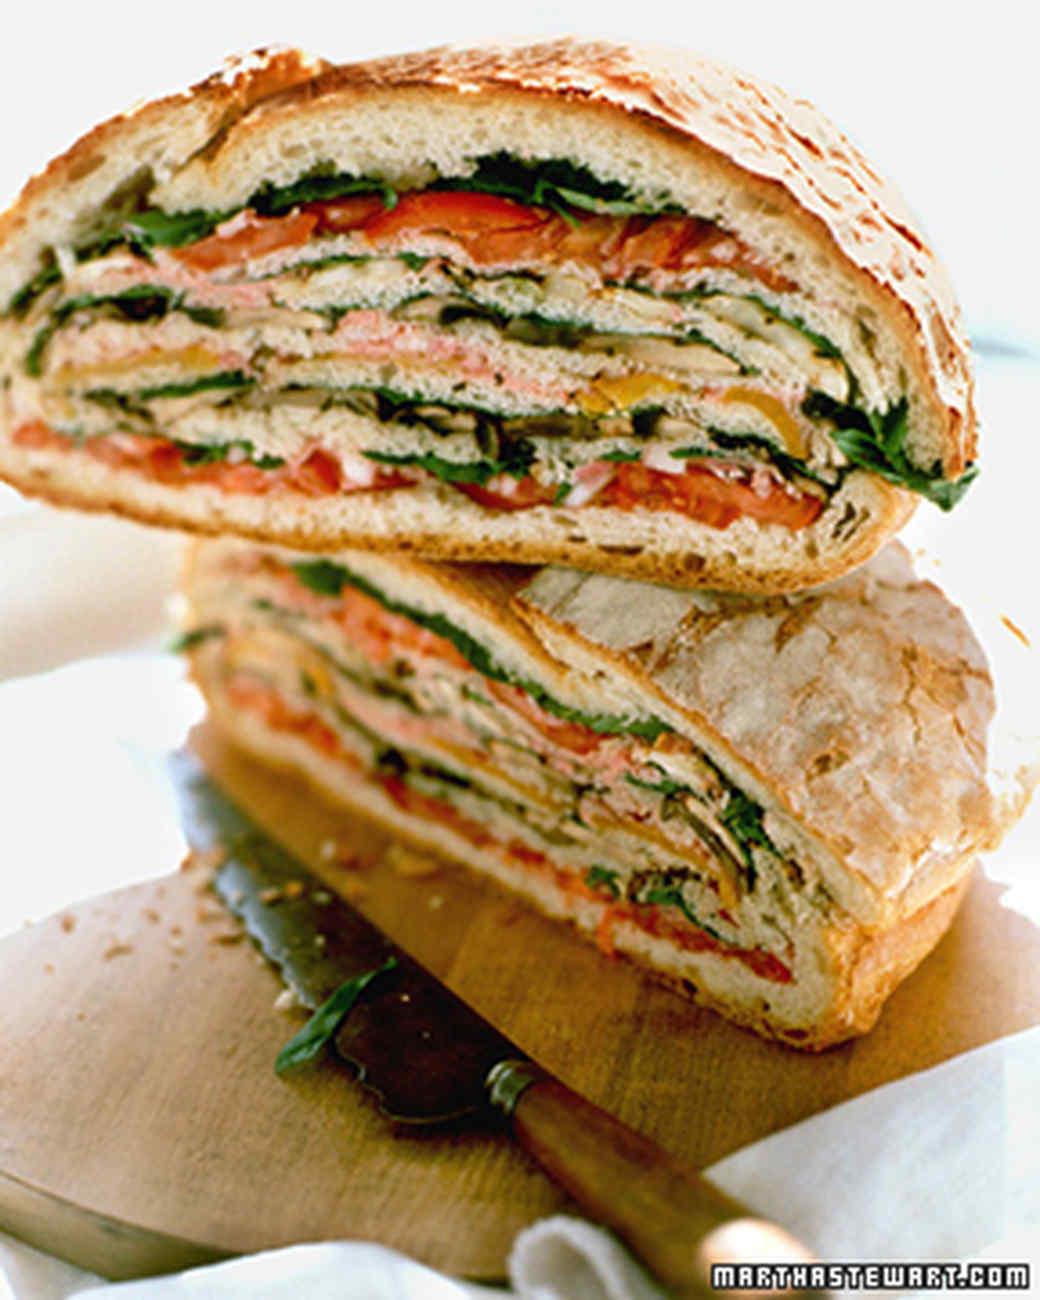 Sort of a Hero Sandwich